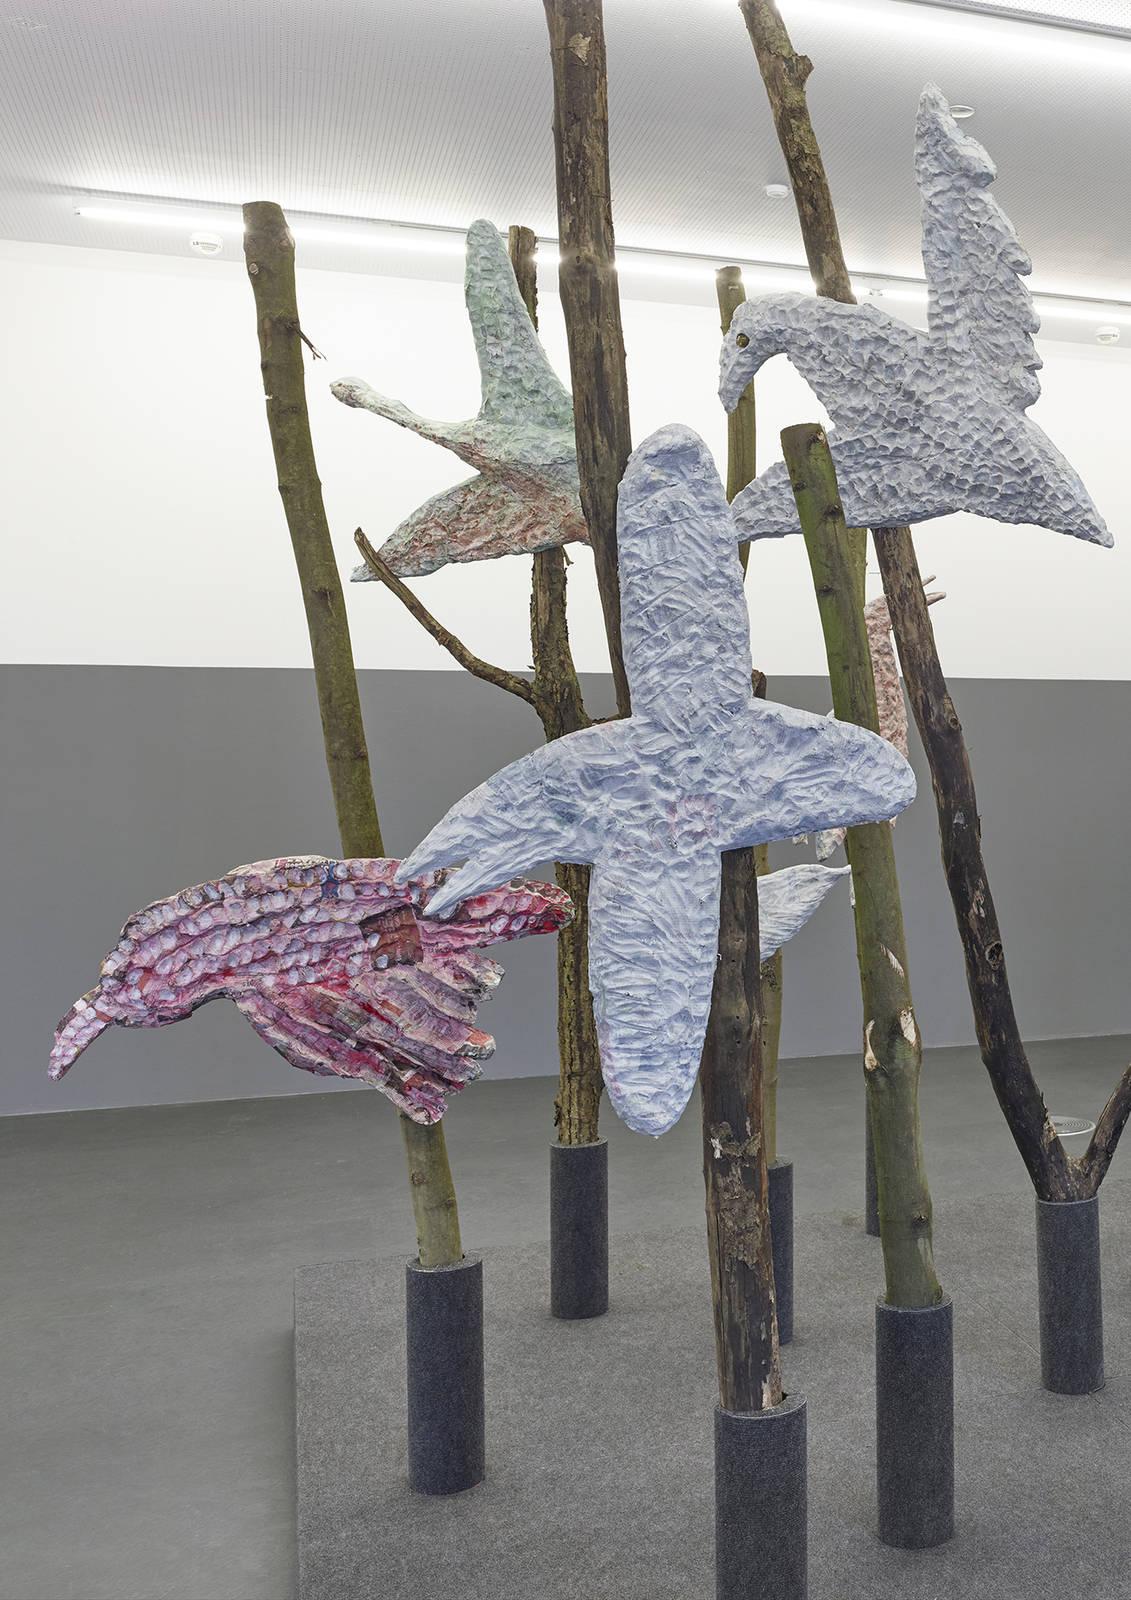 9_3_Shelly Nadashi NESTING BOX, Installation View_Dortmunder Kunstverein, Photo Simon Vogel